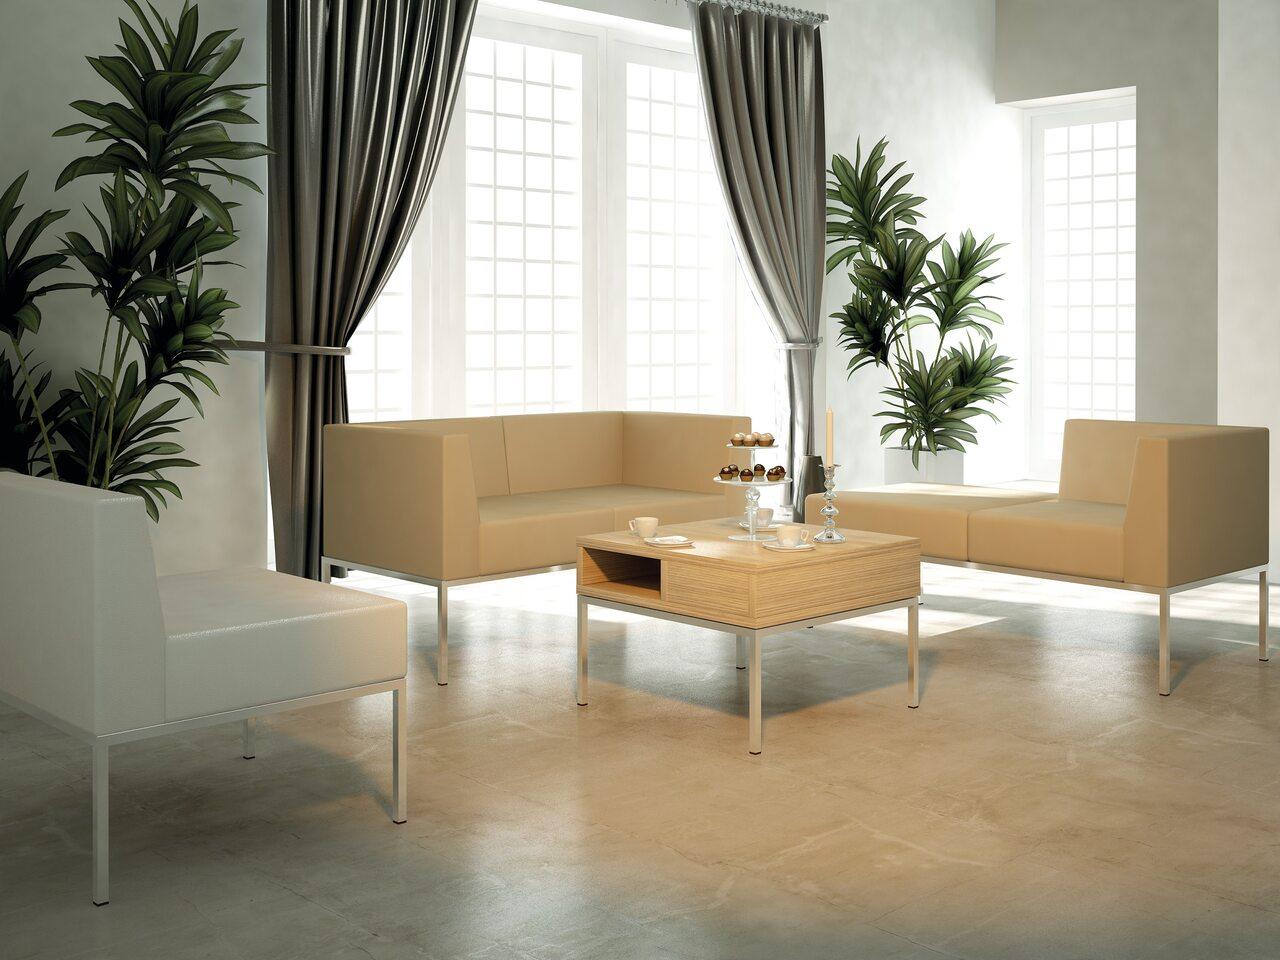 Мягкая офисная мебель М3 Open view - фото 3